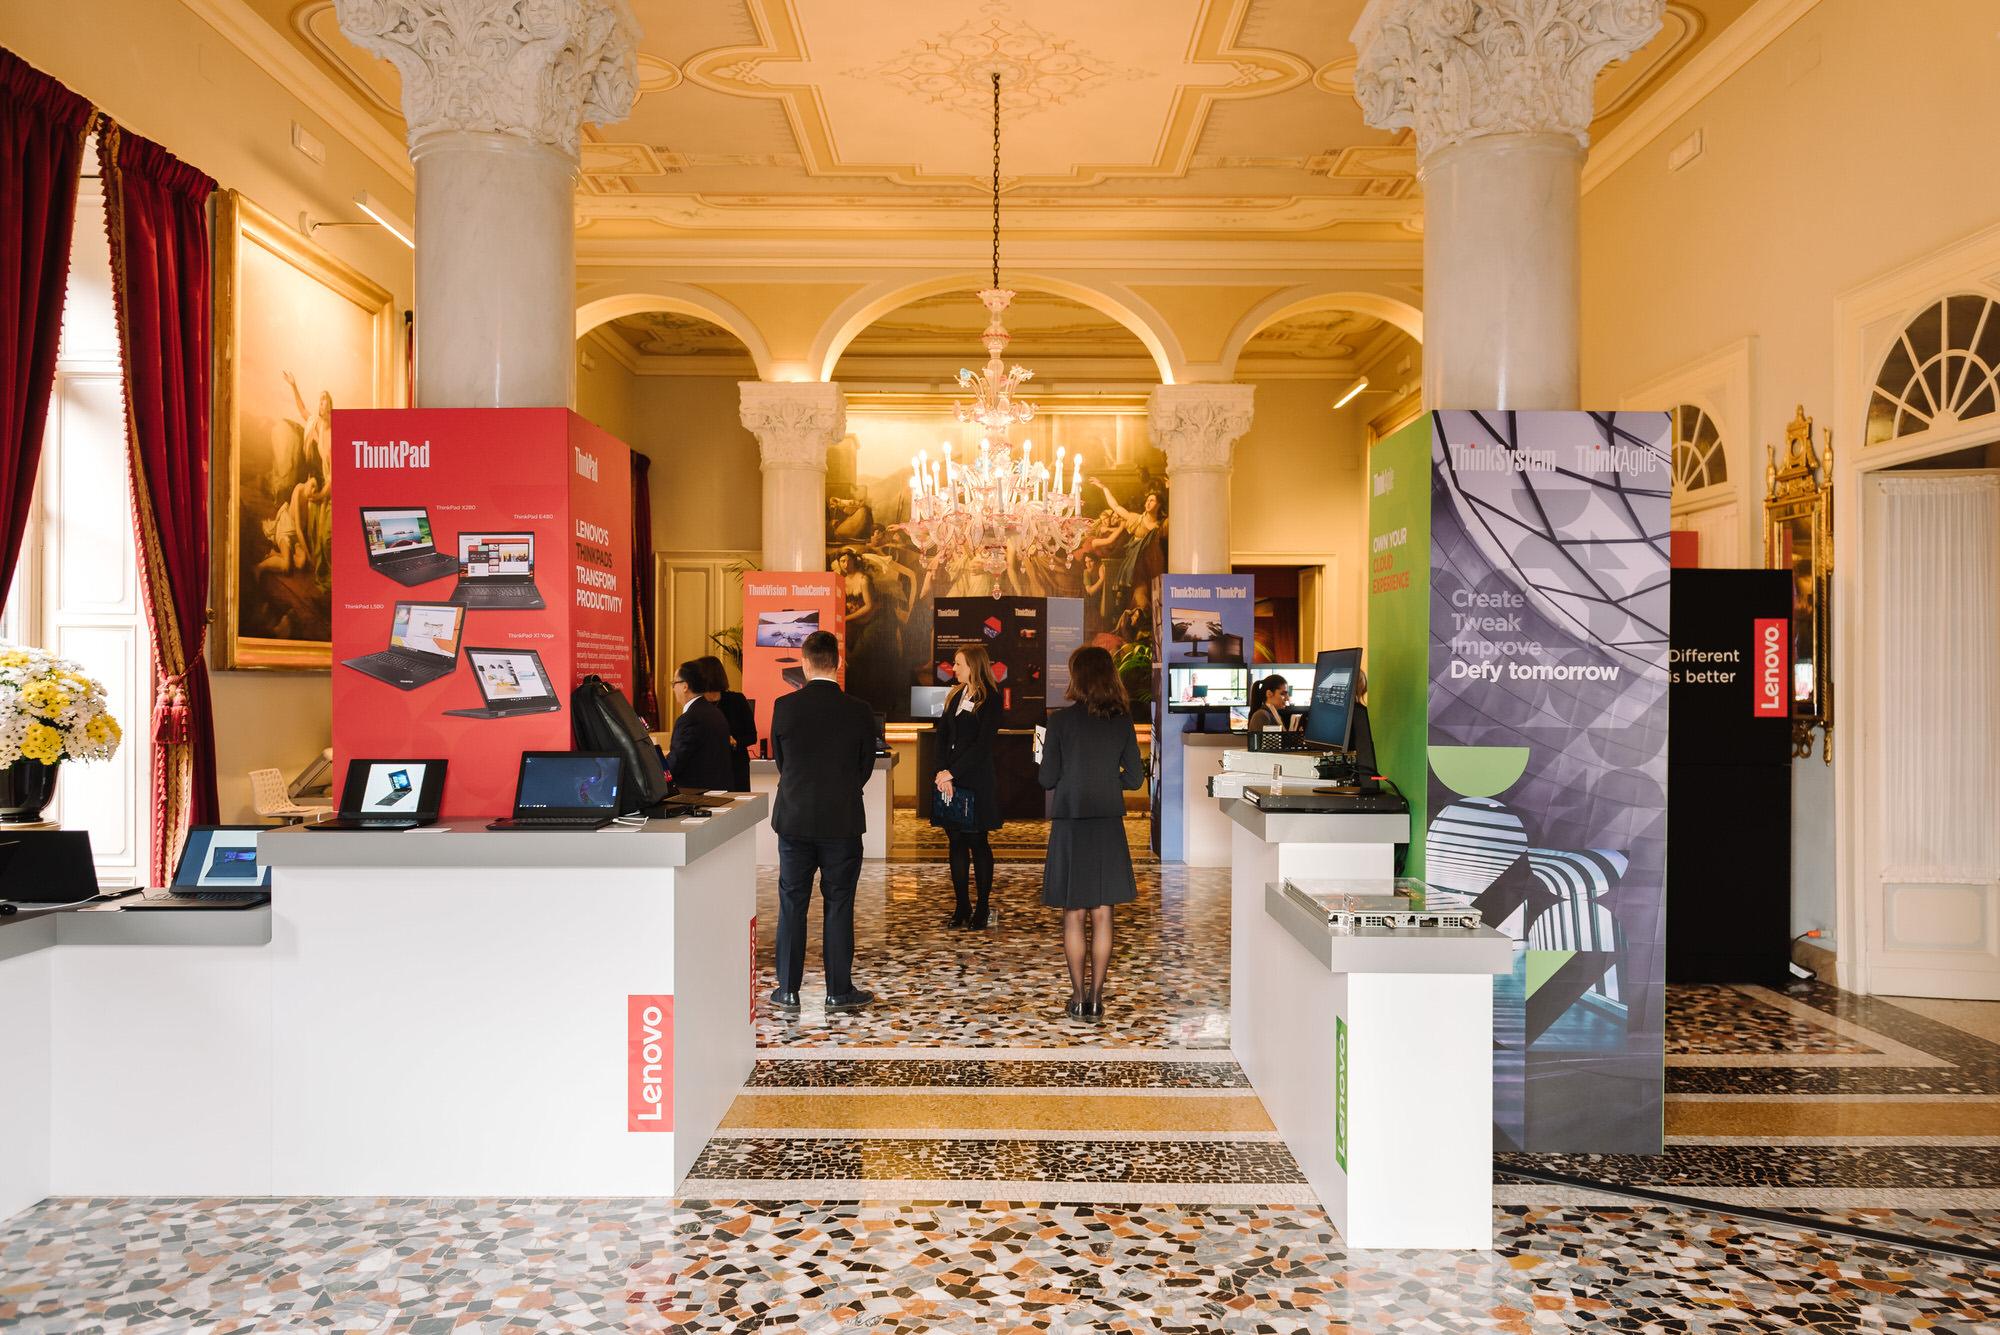 emea-channel-executive-forum-gruppo-peroni-eventi-02